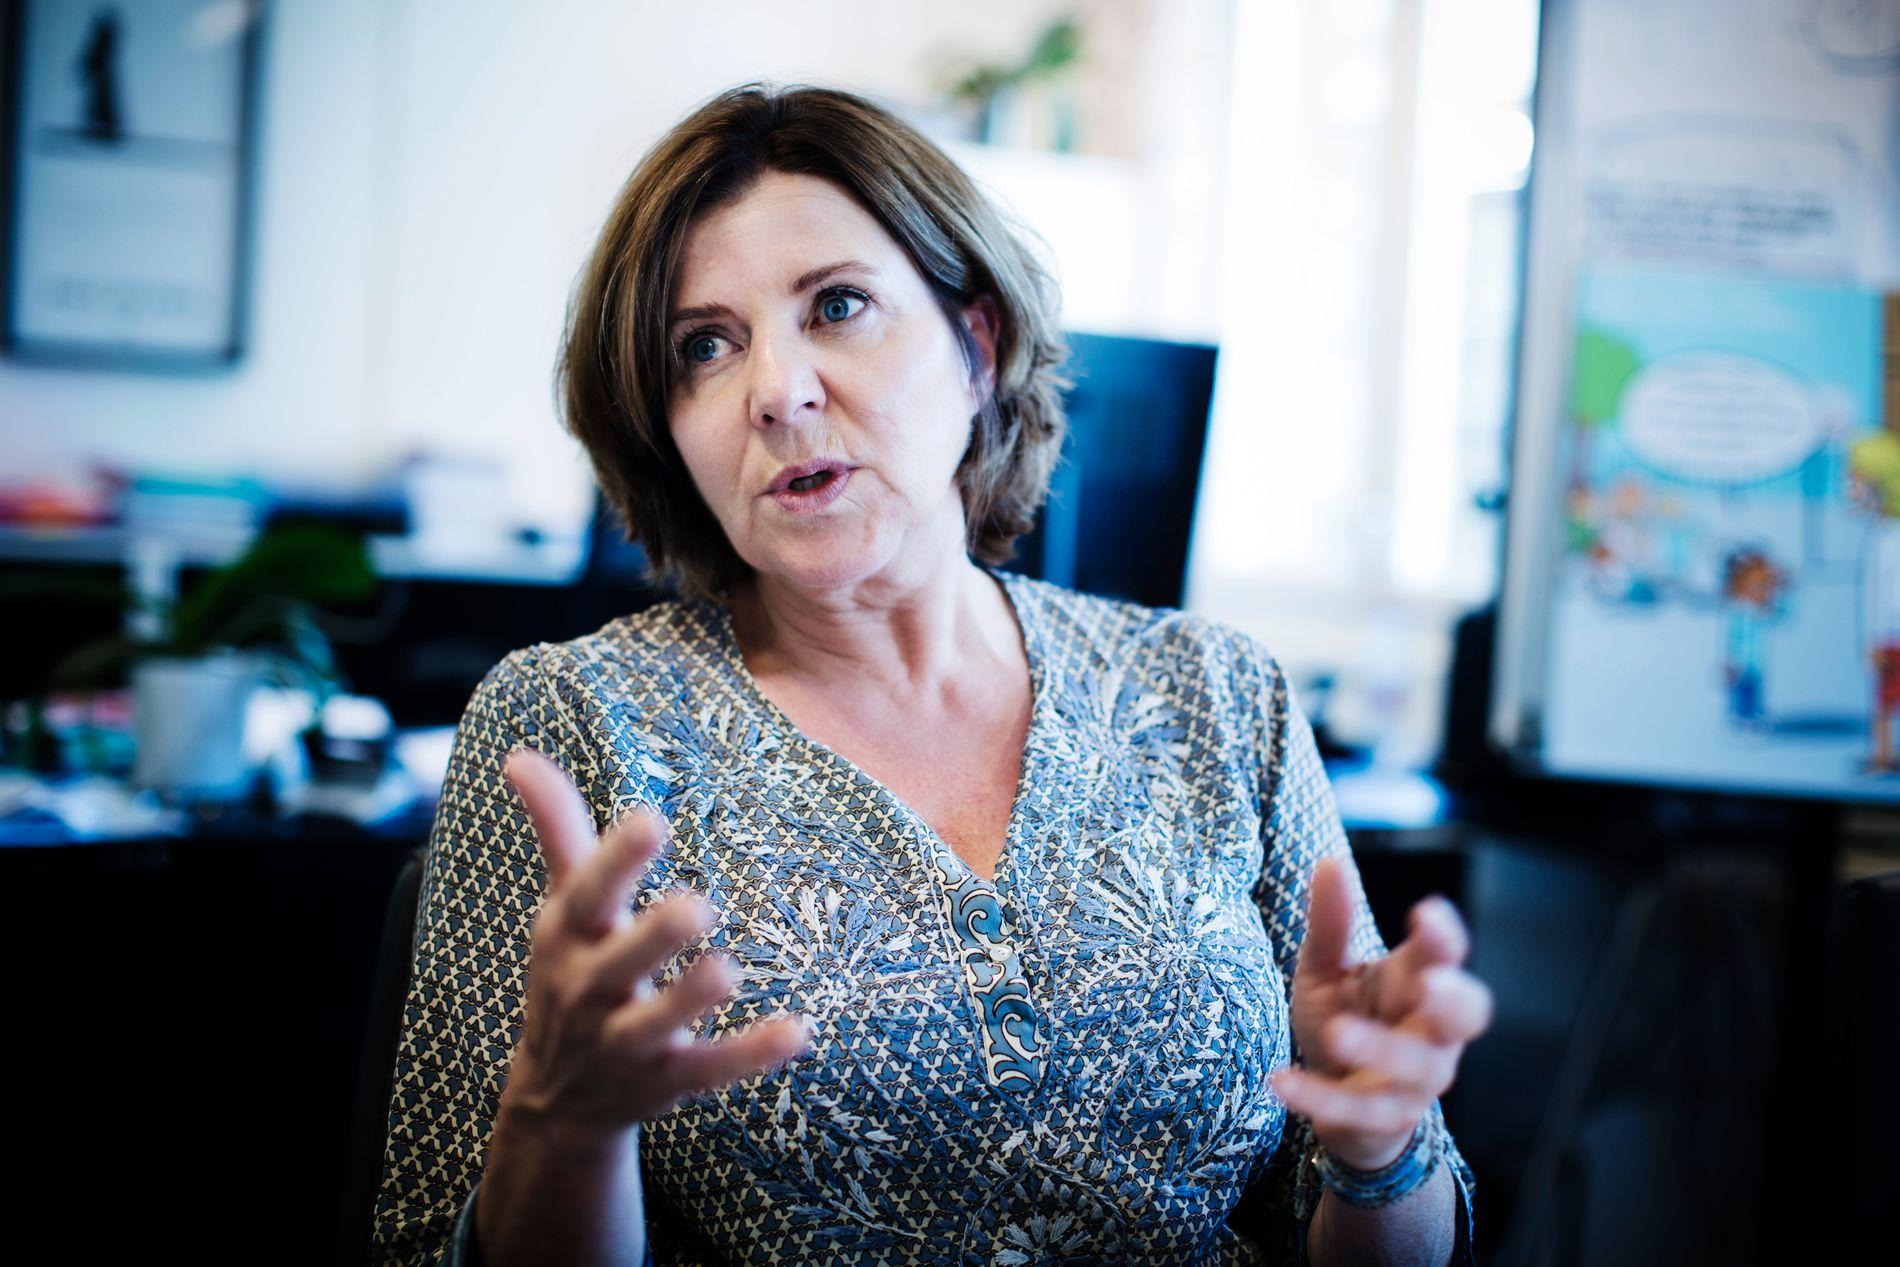 KREVER ET LAVTERSKELTILBUD: Hanne Bjurstrøm mener det er nødvendig med et lavtelskertilbud, slik at ikke de som har blitt utsatt for trakassering bare har alternativet om å ta saken til domstolen.